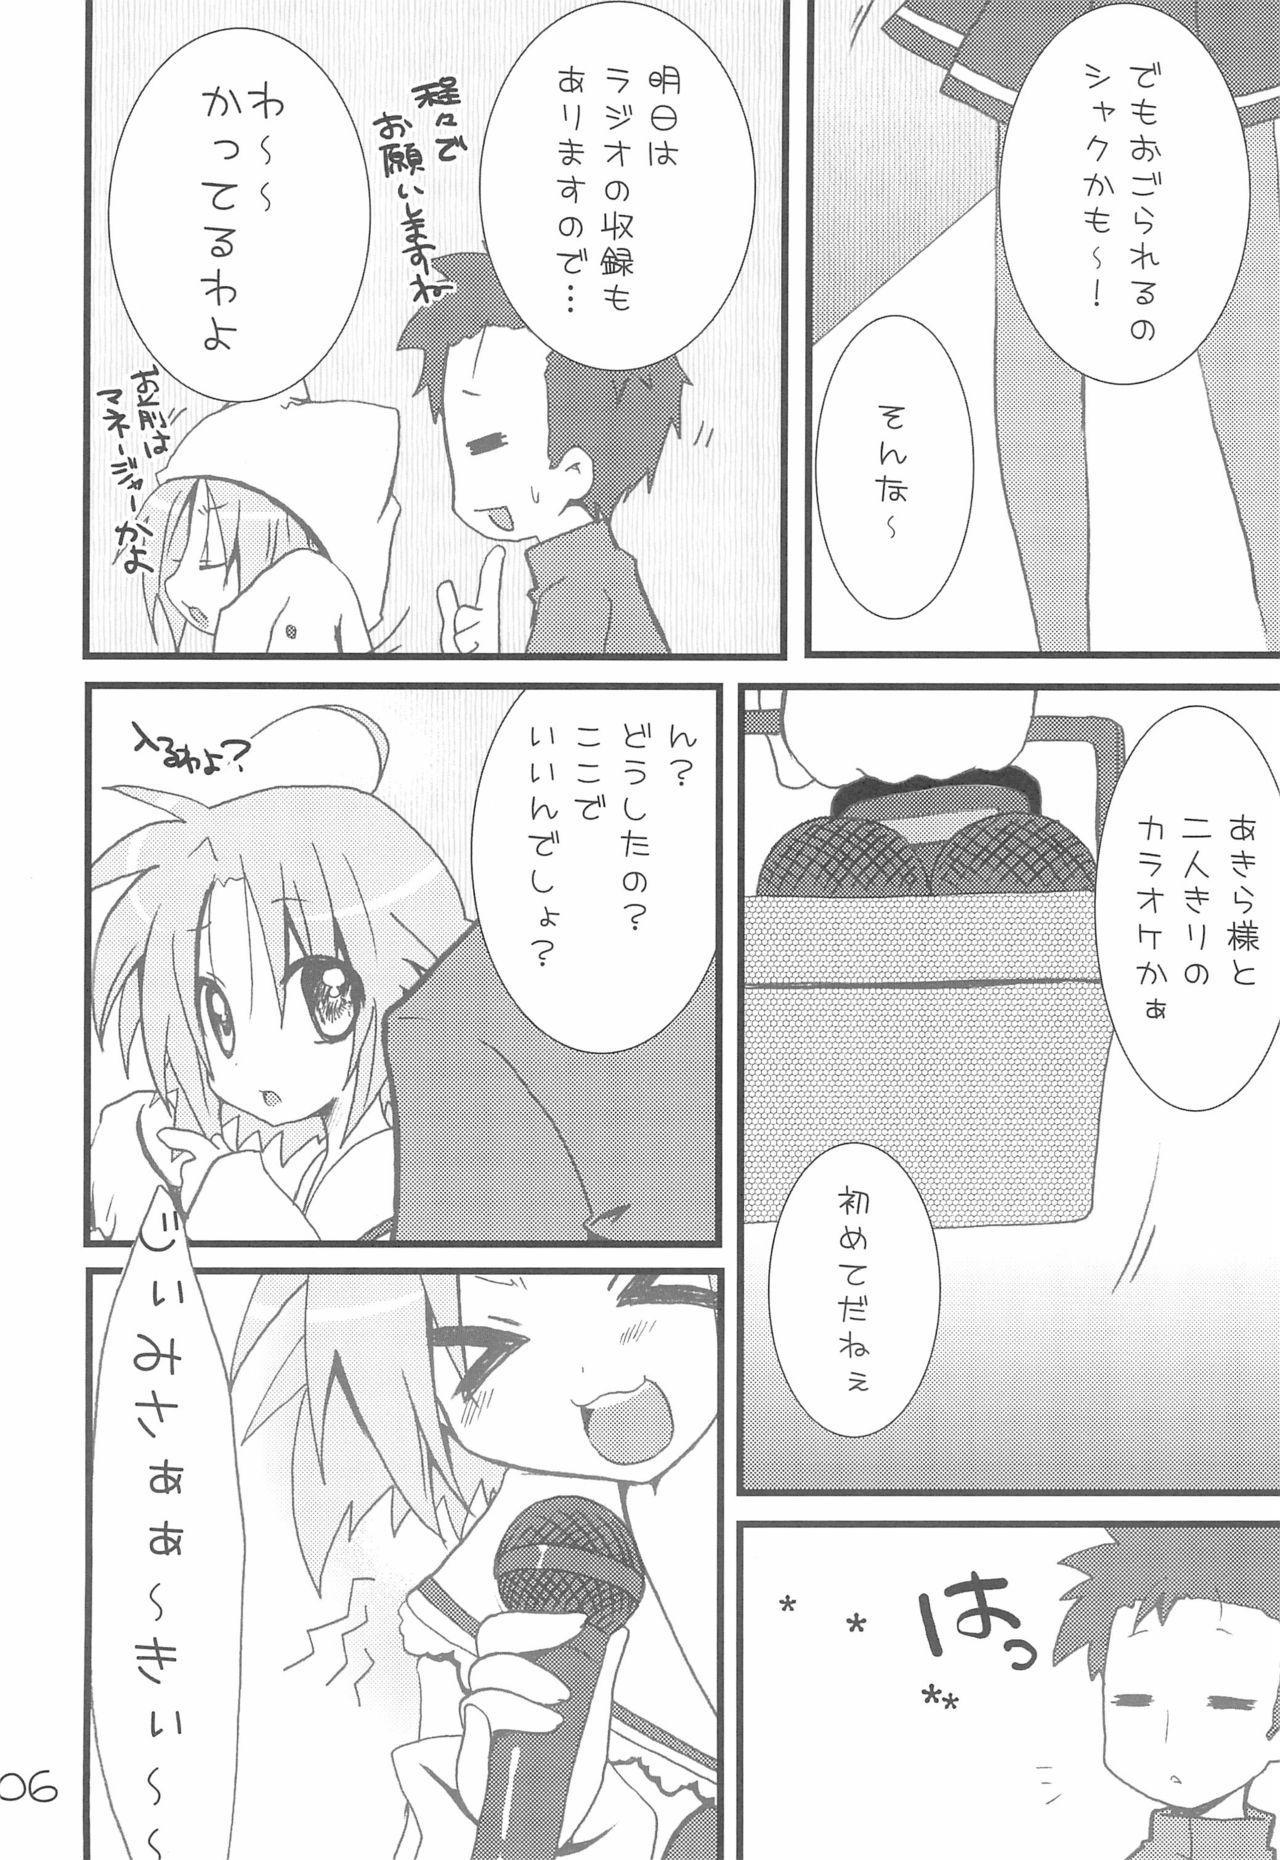 Kuro Star 5